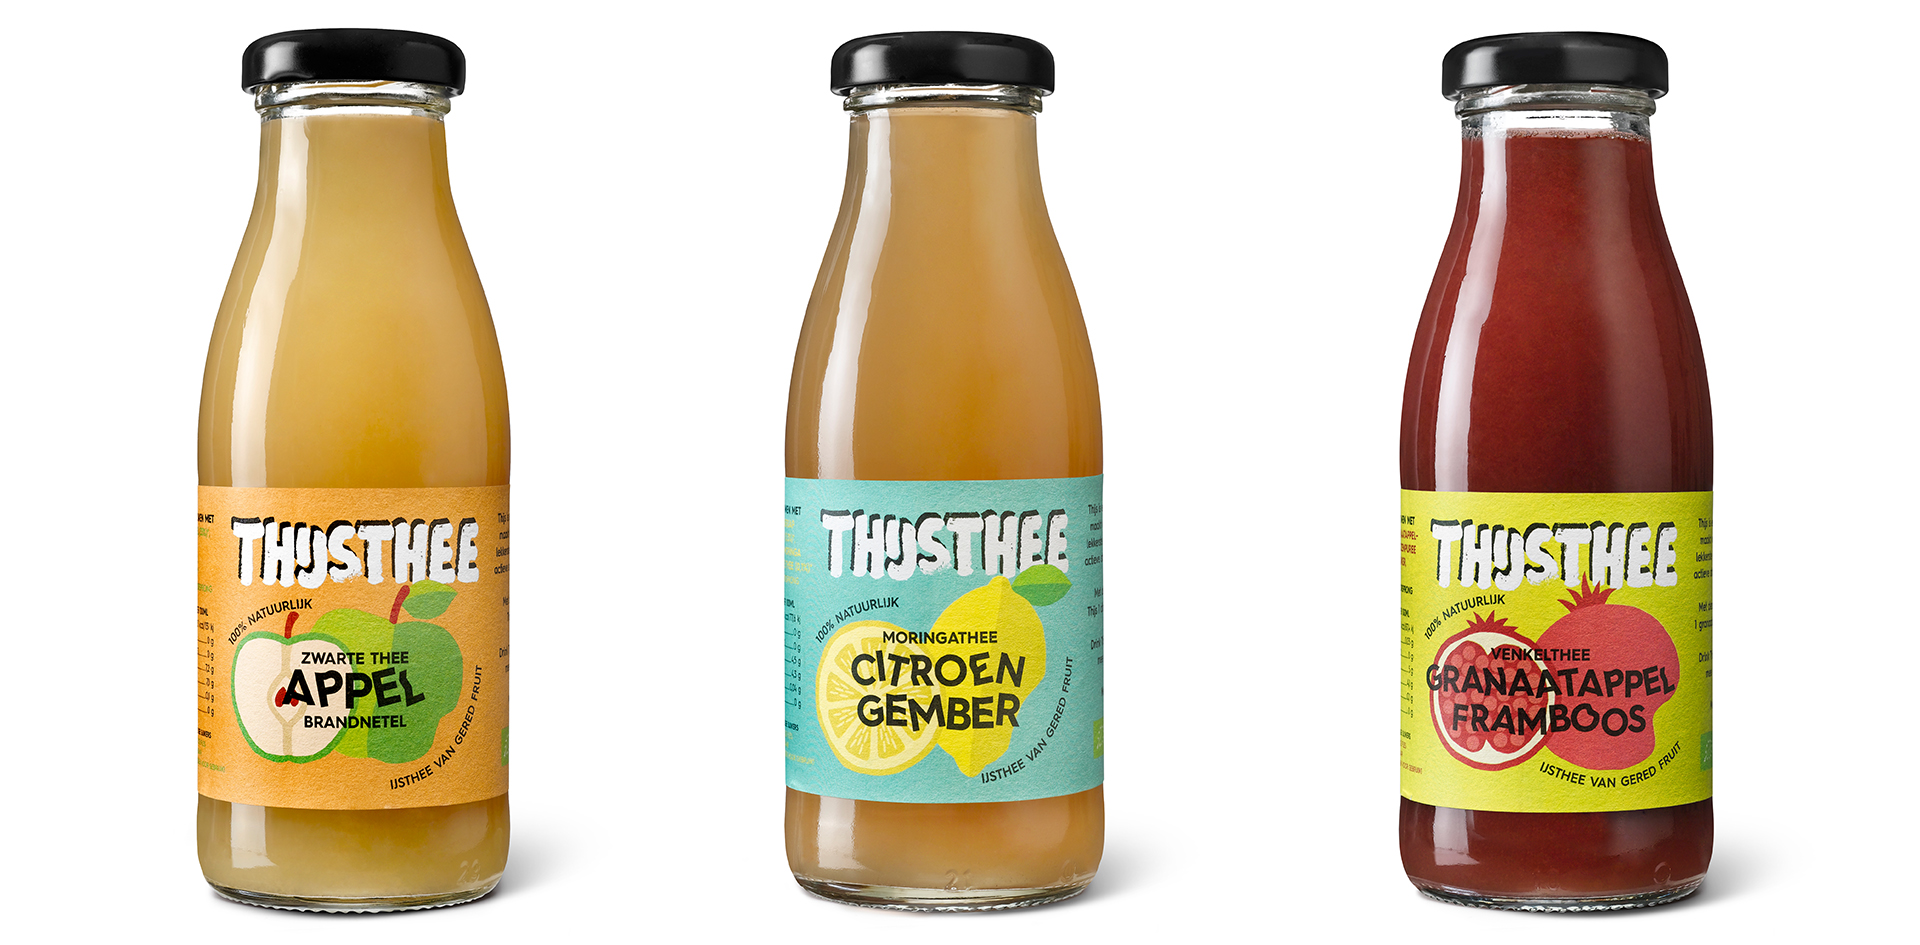 nectar-utrecht-frisdrank-nederland-streekproduct-utrecht-thijsthee-assortiment